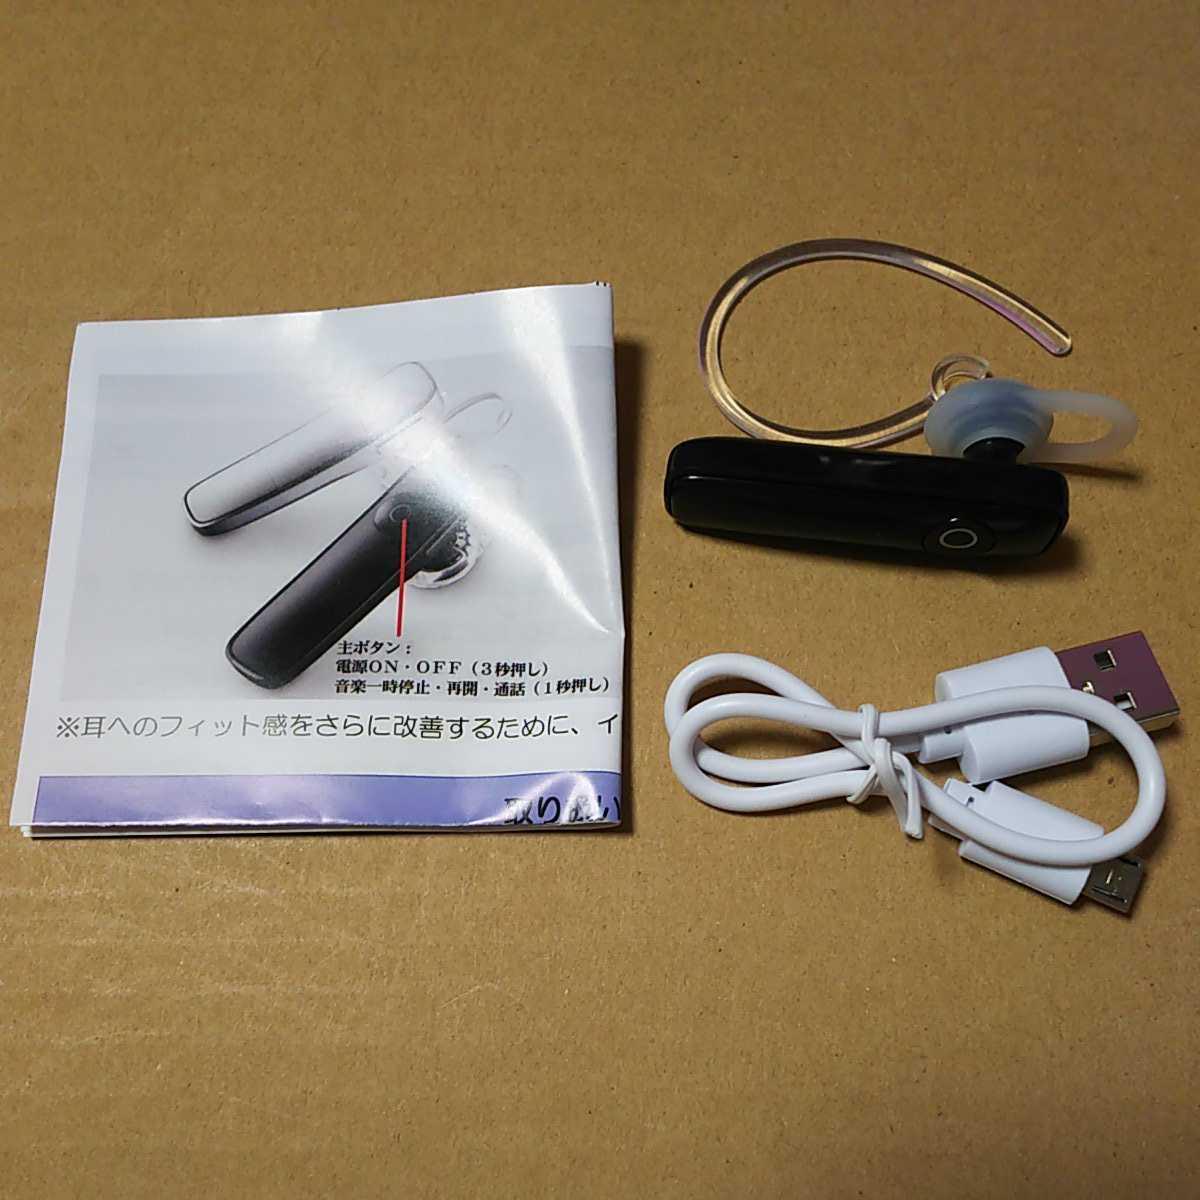 ◆わずか7グラム! ワイヤレスイヤホン bluetooth 片耳タイプ iphone対応 ブラック